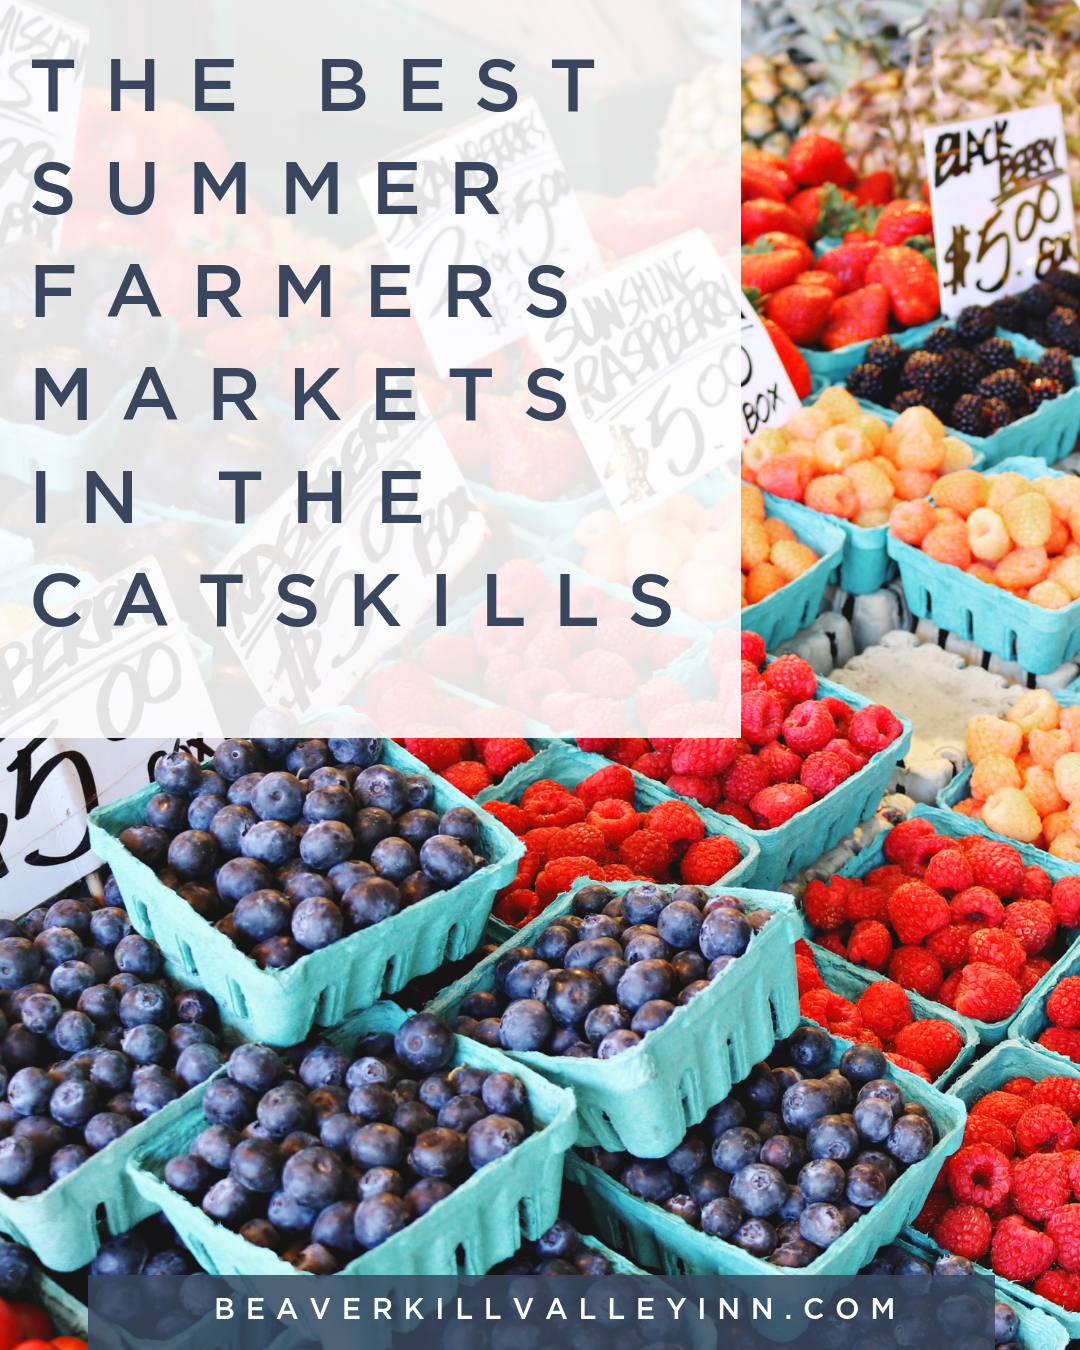 farmers-markets-catskills